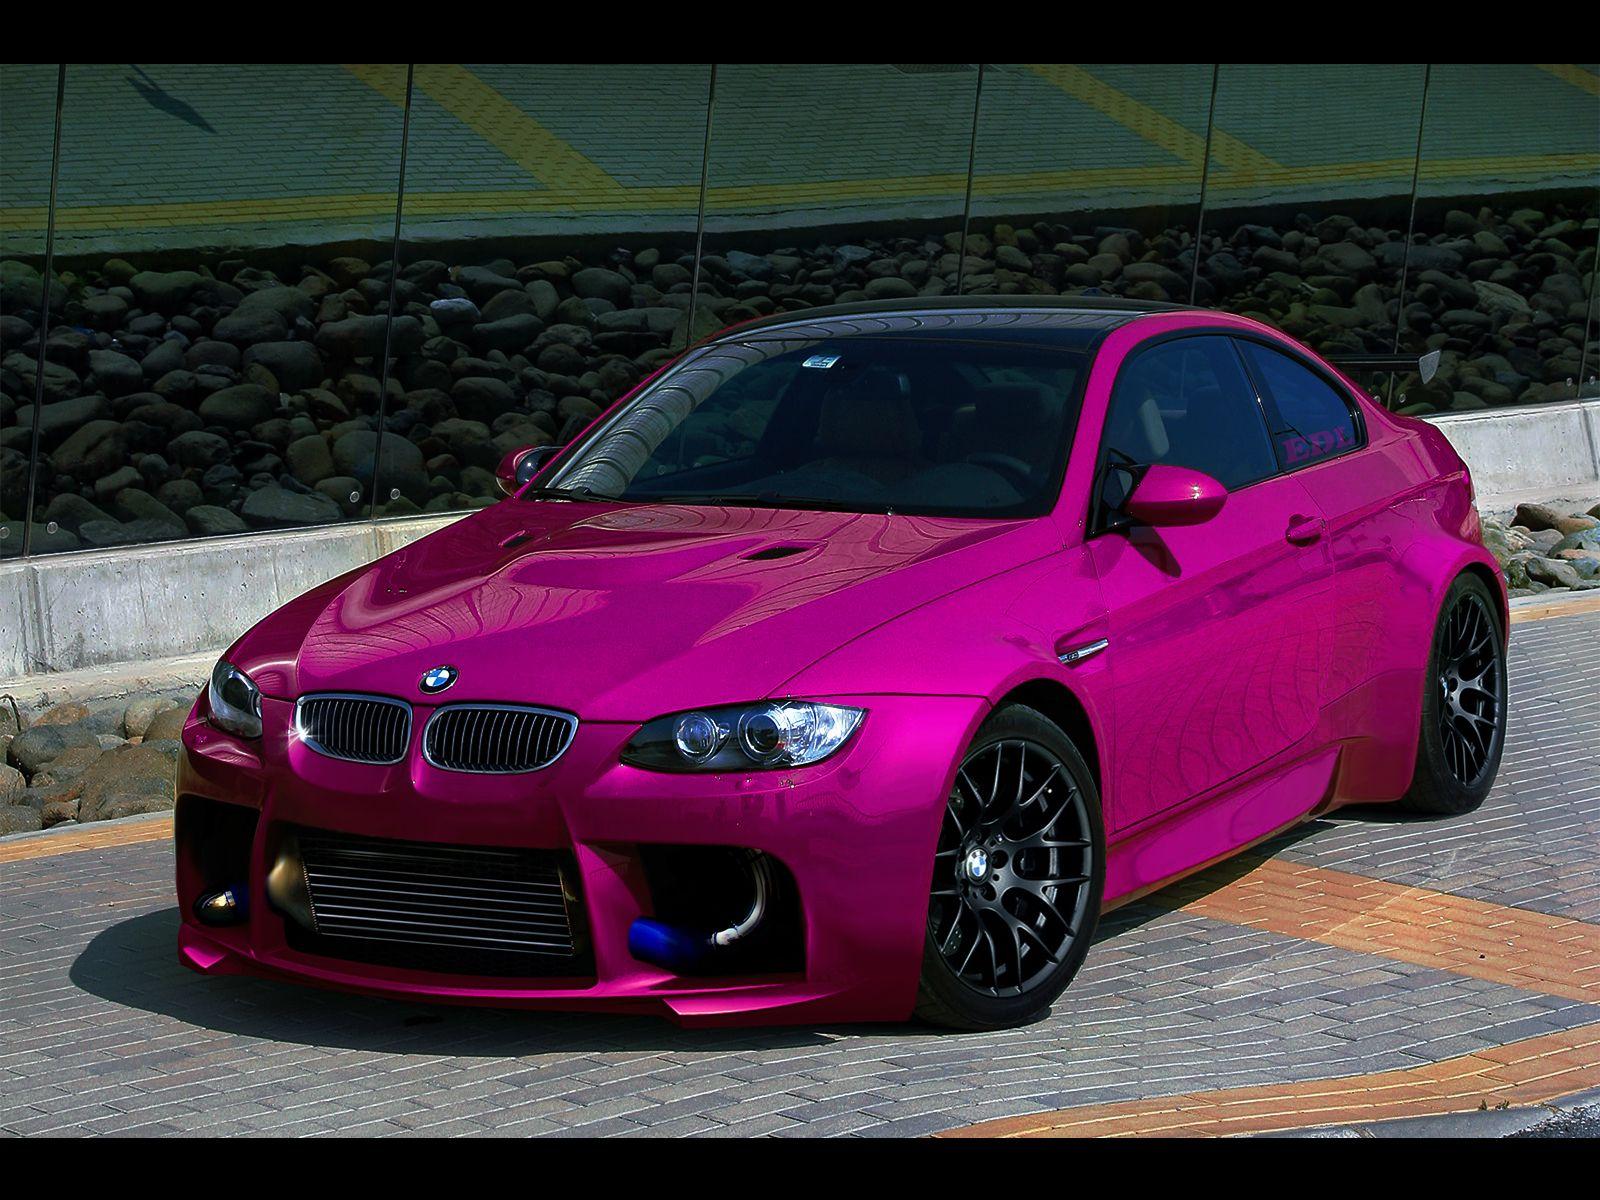 Bmw M3 Modif By Edldesign On Deviantart Bmw Pink Bmw Bmw M3